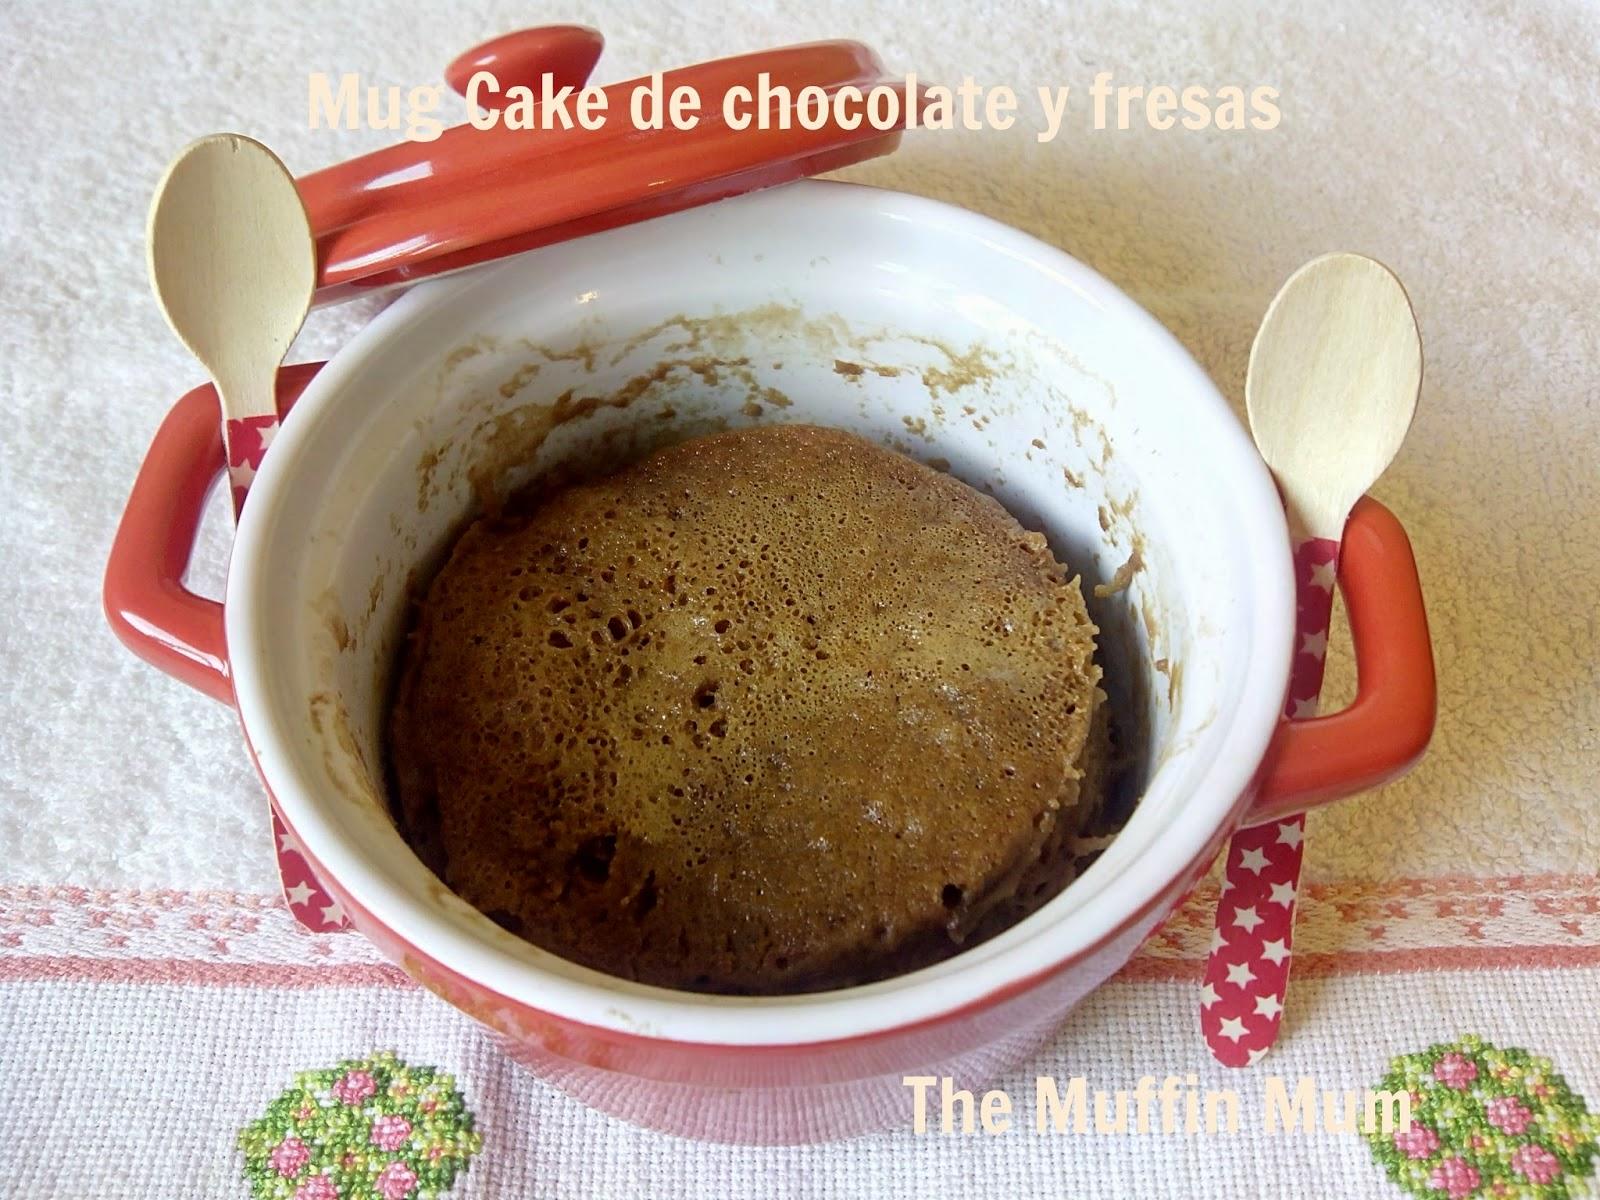 Mug cake de fresas y chocolate